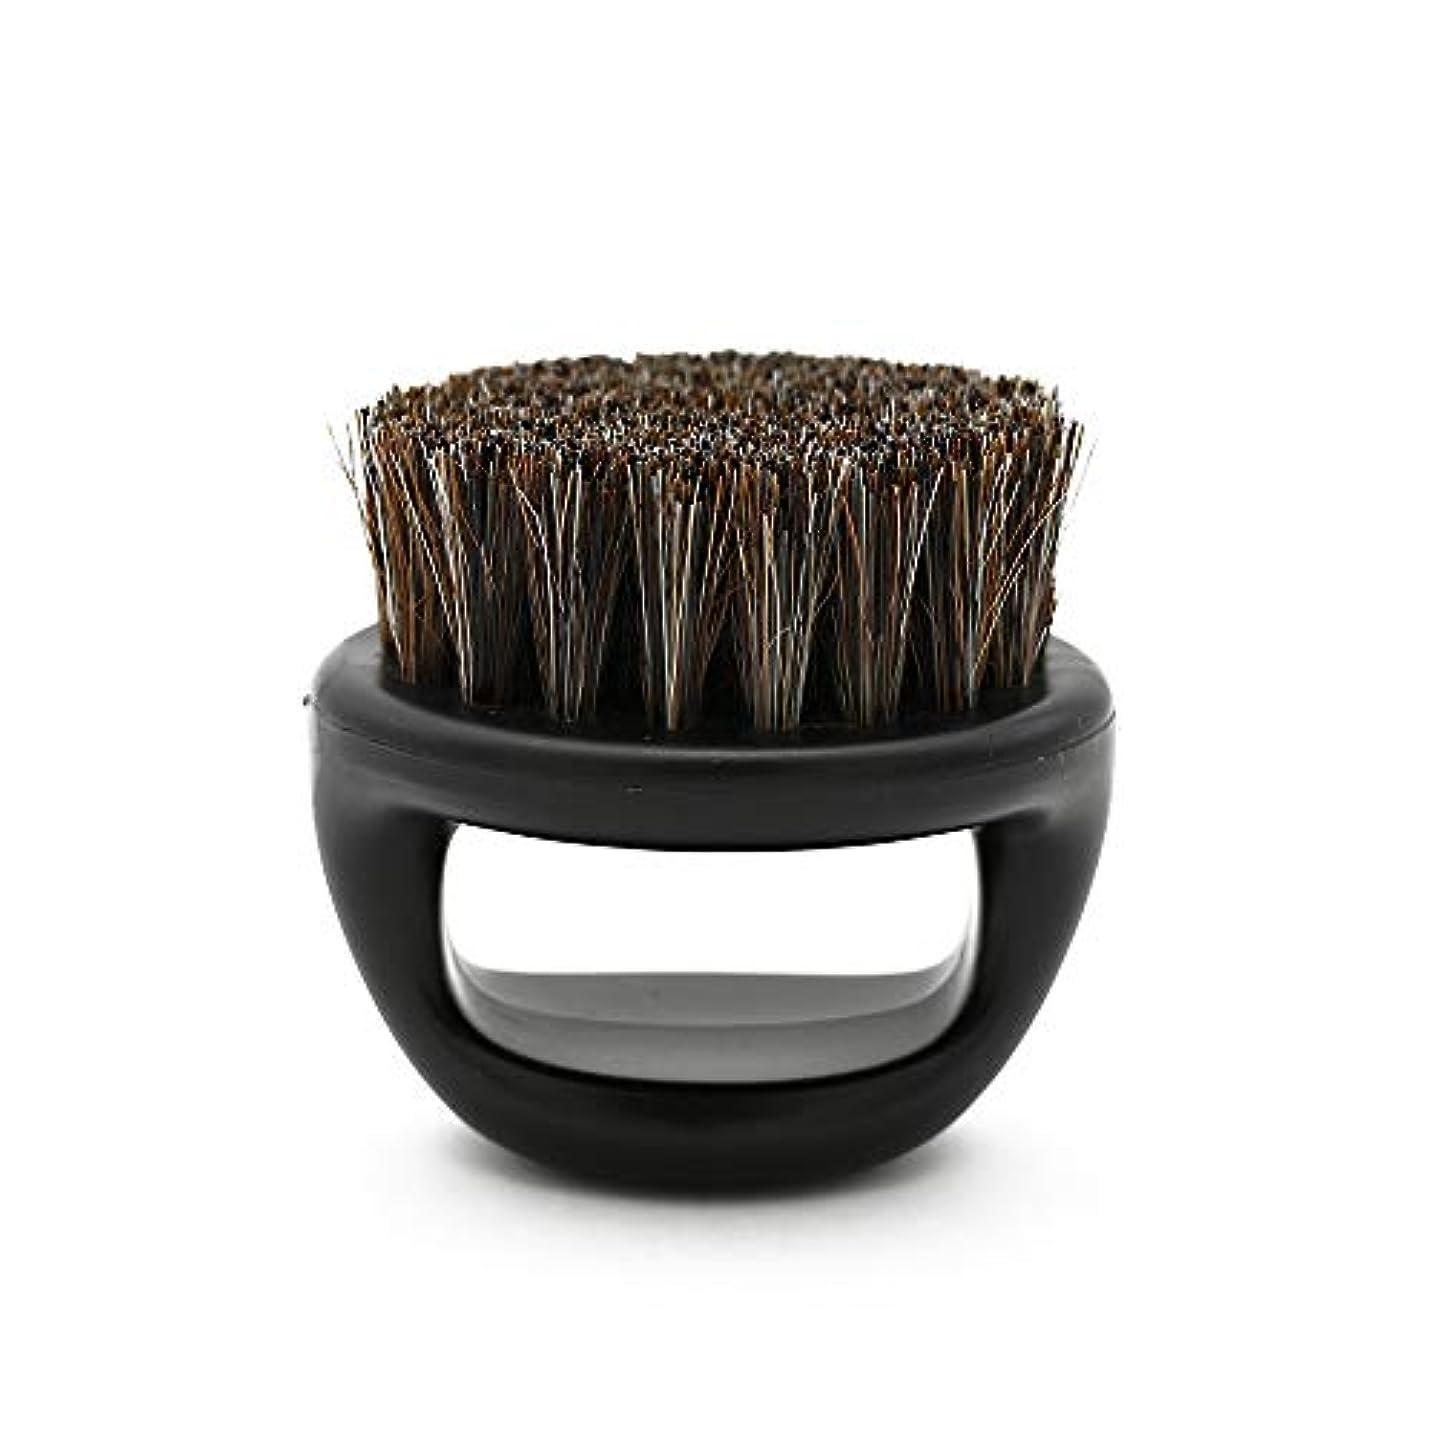 ようこそ食欲グローブCUHAWUDBA 1個リングデザイン馬毛メンズシェービングブラシプラスチック製の可搬式理容ひげブラシサロンフェイスクリーニングかみそりブラシ(ブラック)